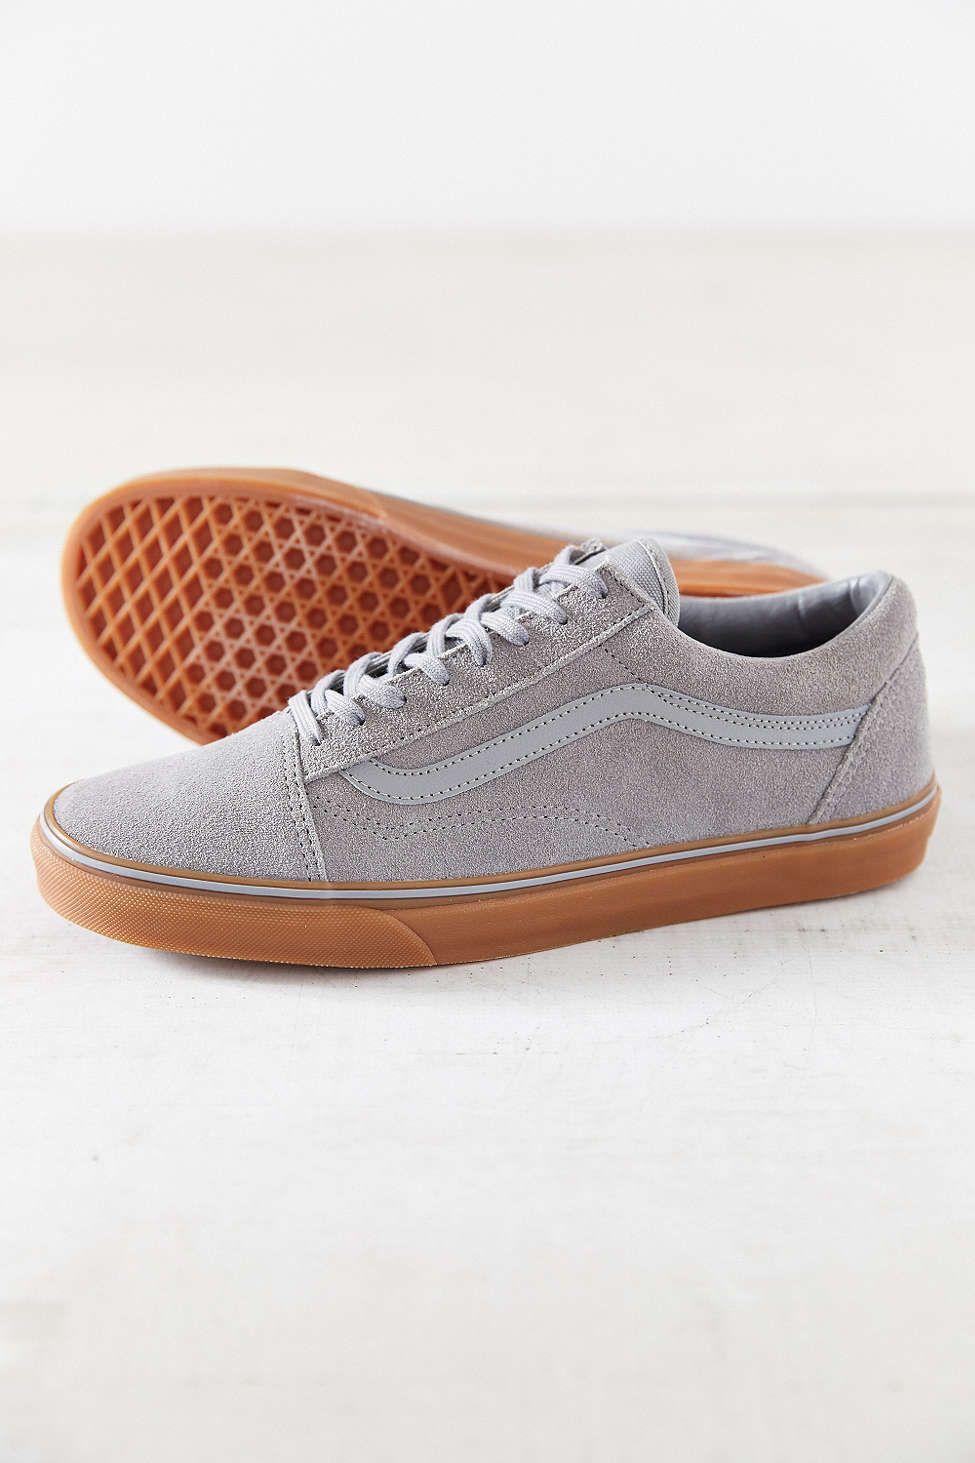 c6c7bb61c8a345 Vans Old Skool Gum Sole Men s Sneaker